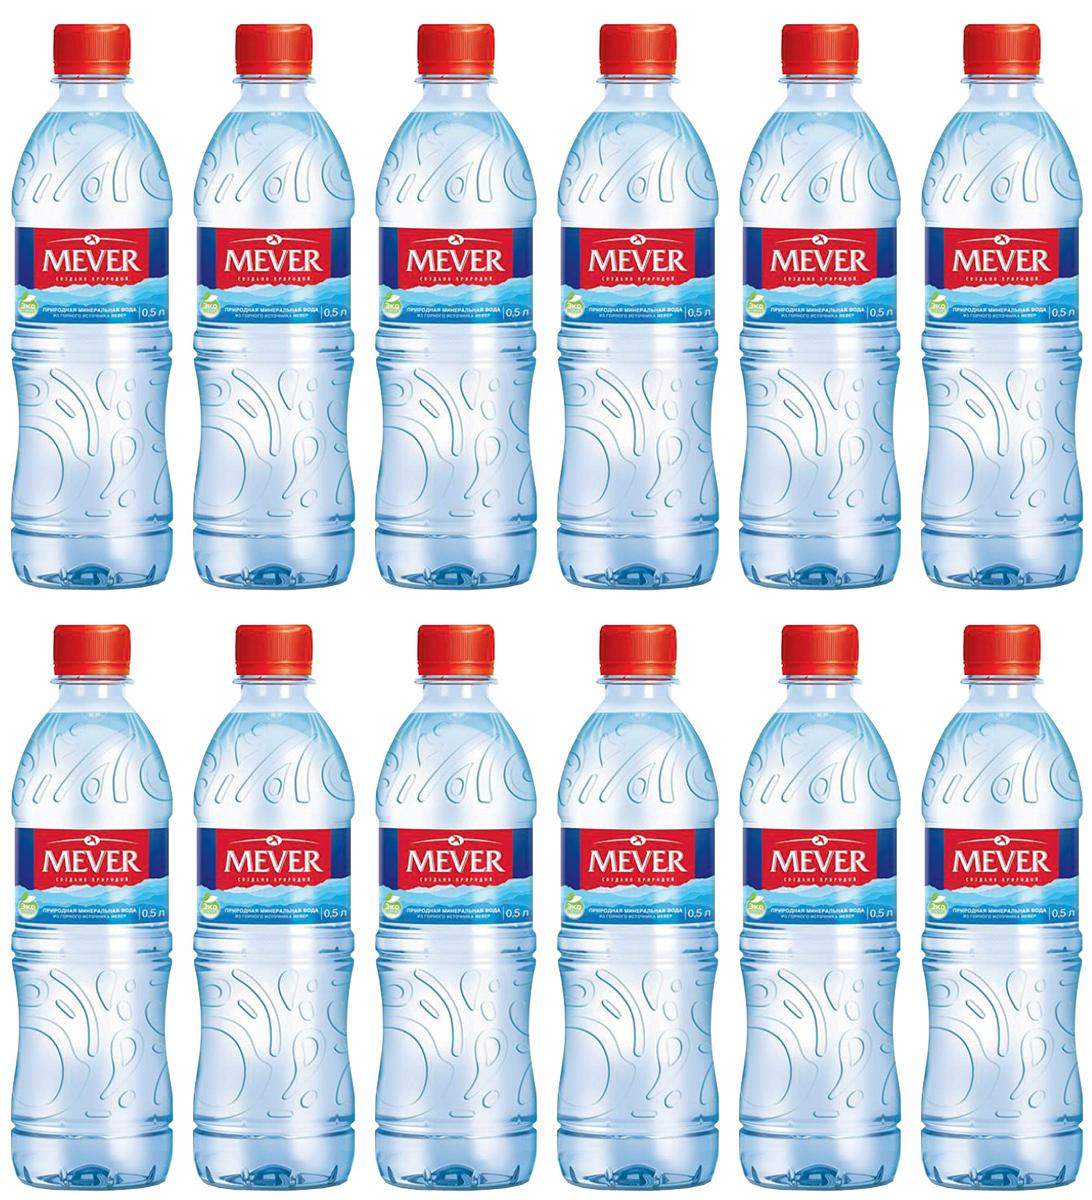 Мевер вода негазированная, 12 шт по 0,5 л